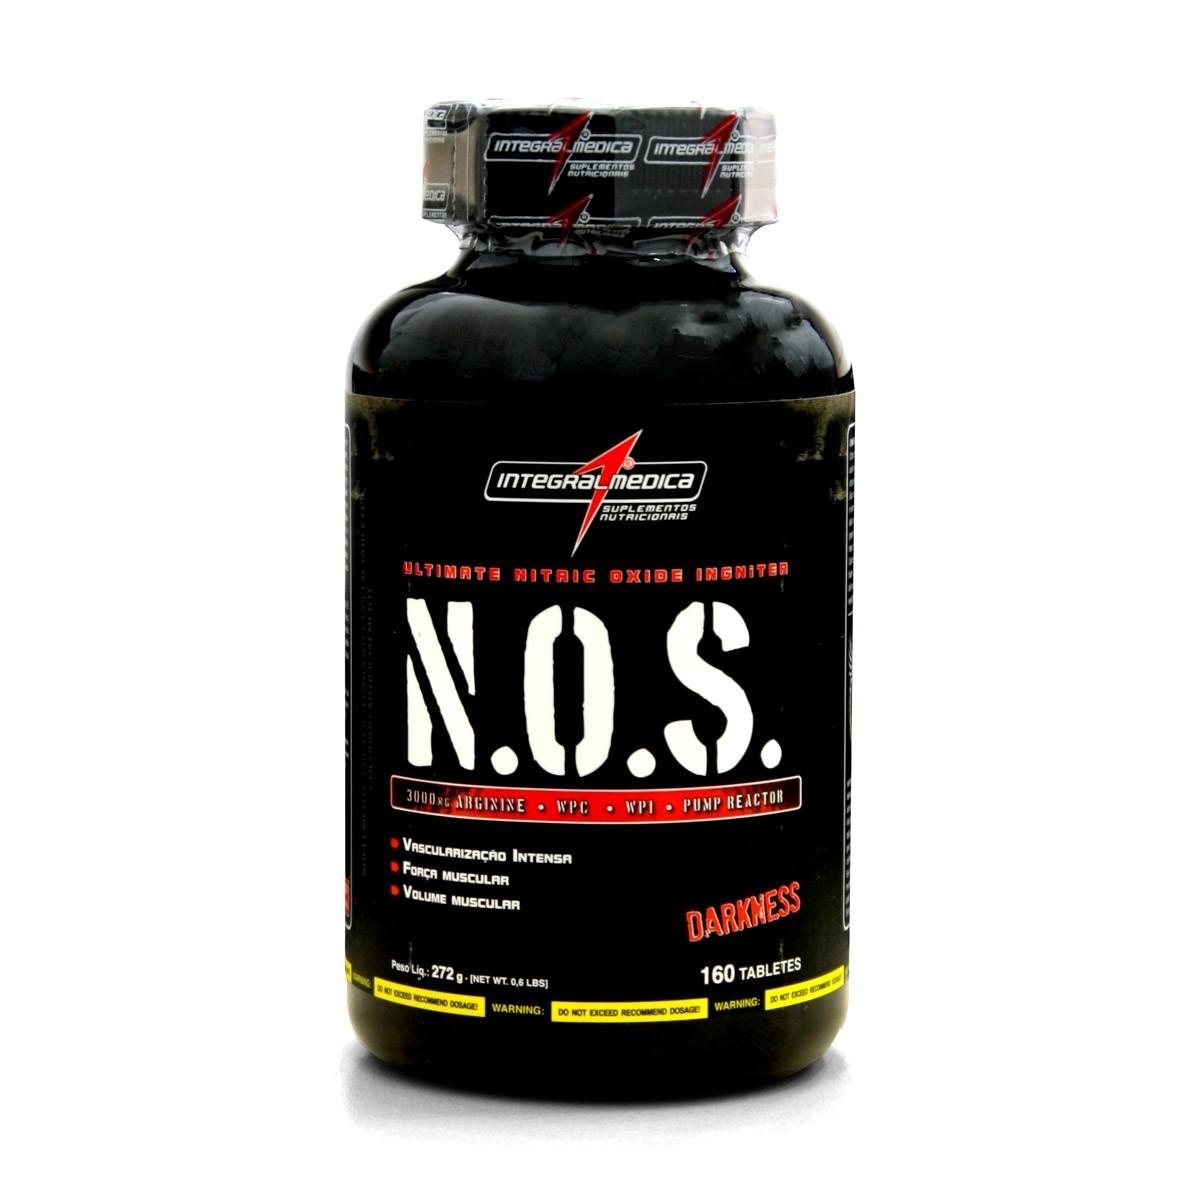 N.O.S. Darkness (160 Tabs) Integralmédica